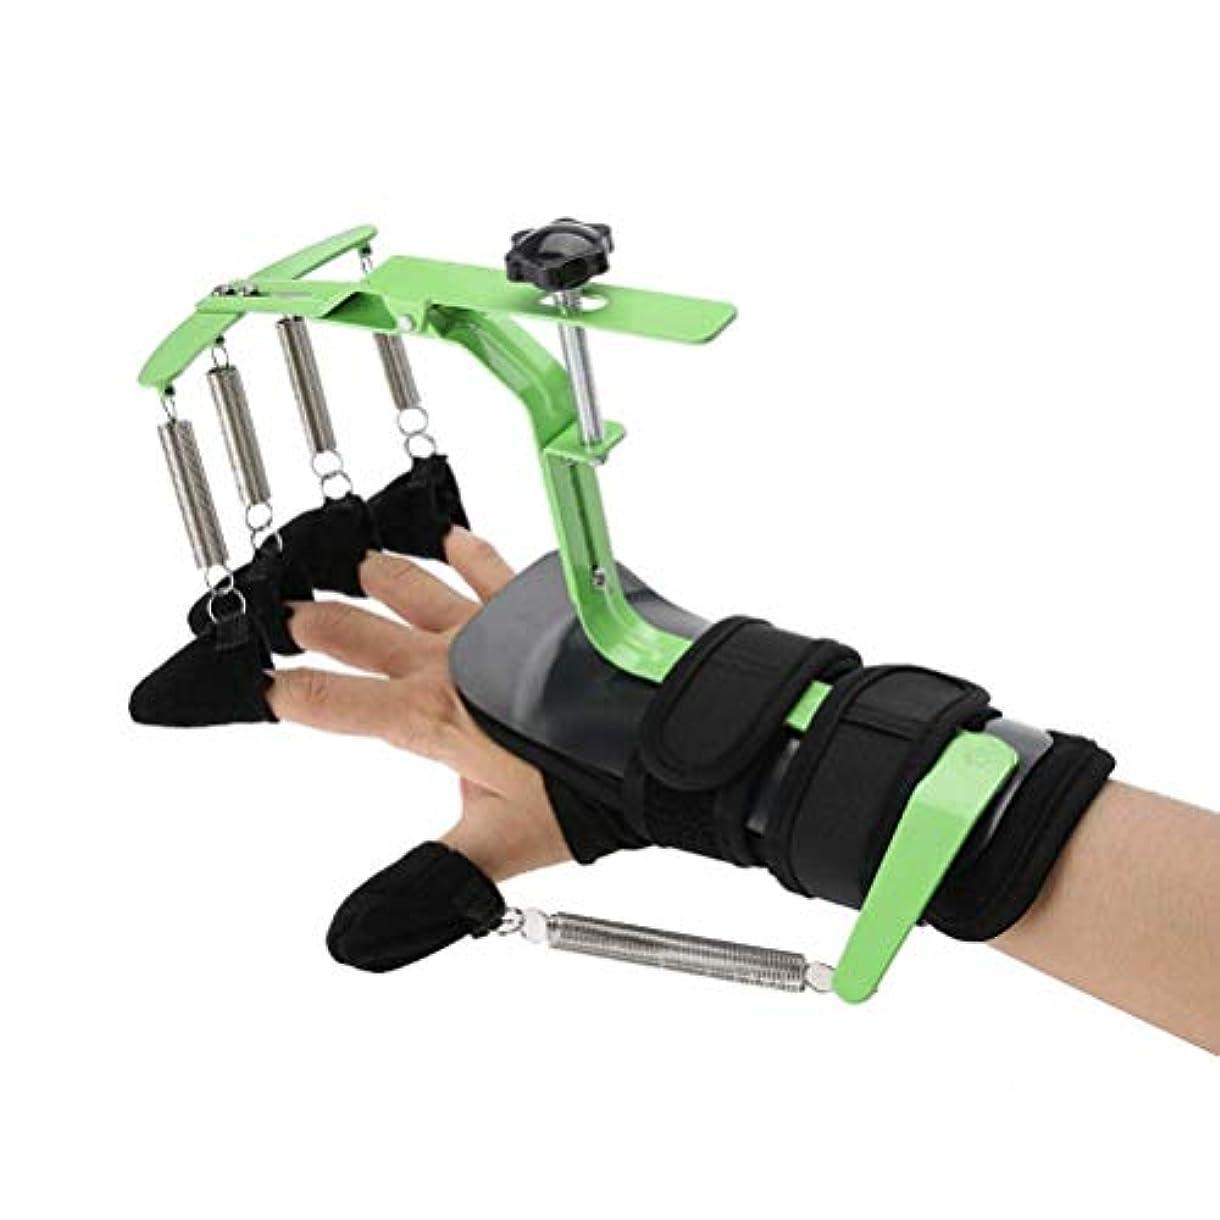 適用済み憤る衝撃指の変形や破損指ナックル固定化、指矯正ブレースガードプロテクターリハビリトレーニングデバイス動的フィンガースプリントのために指のトレーニングデバイスフィンガースプリント